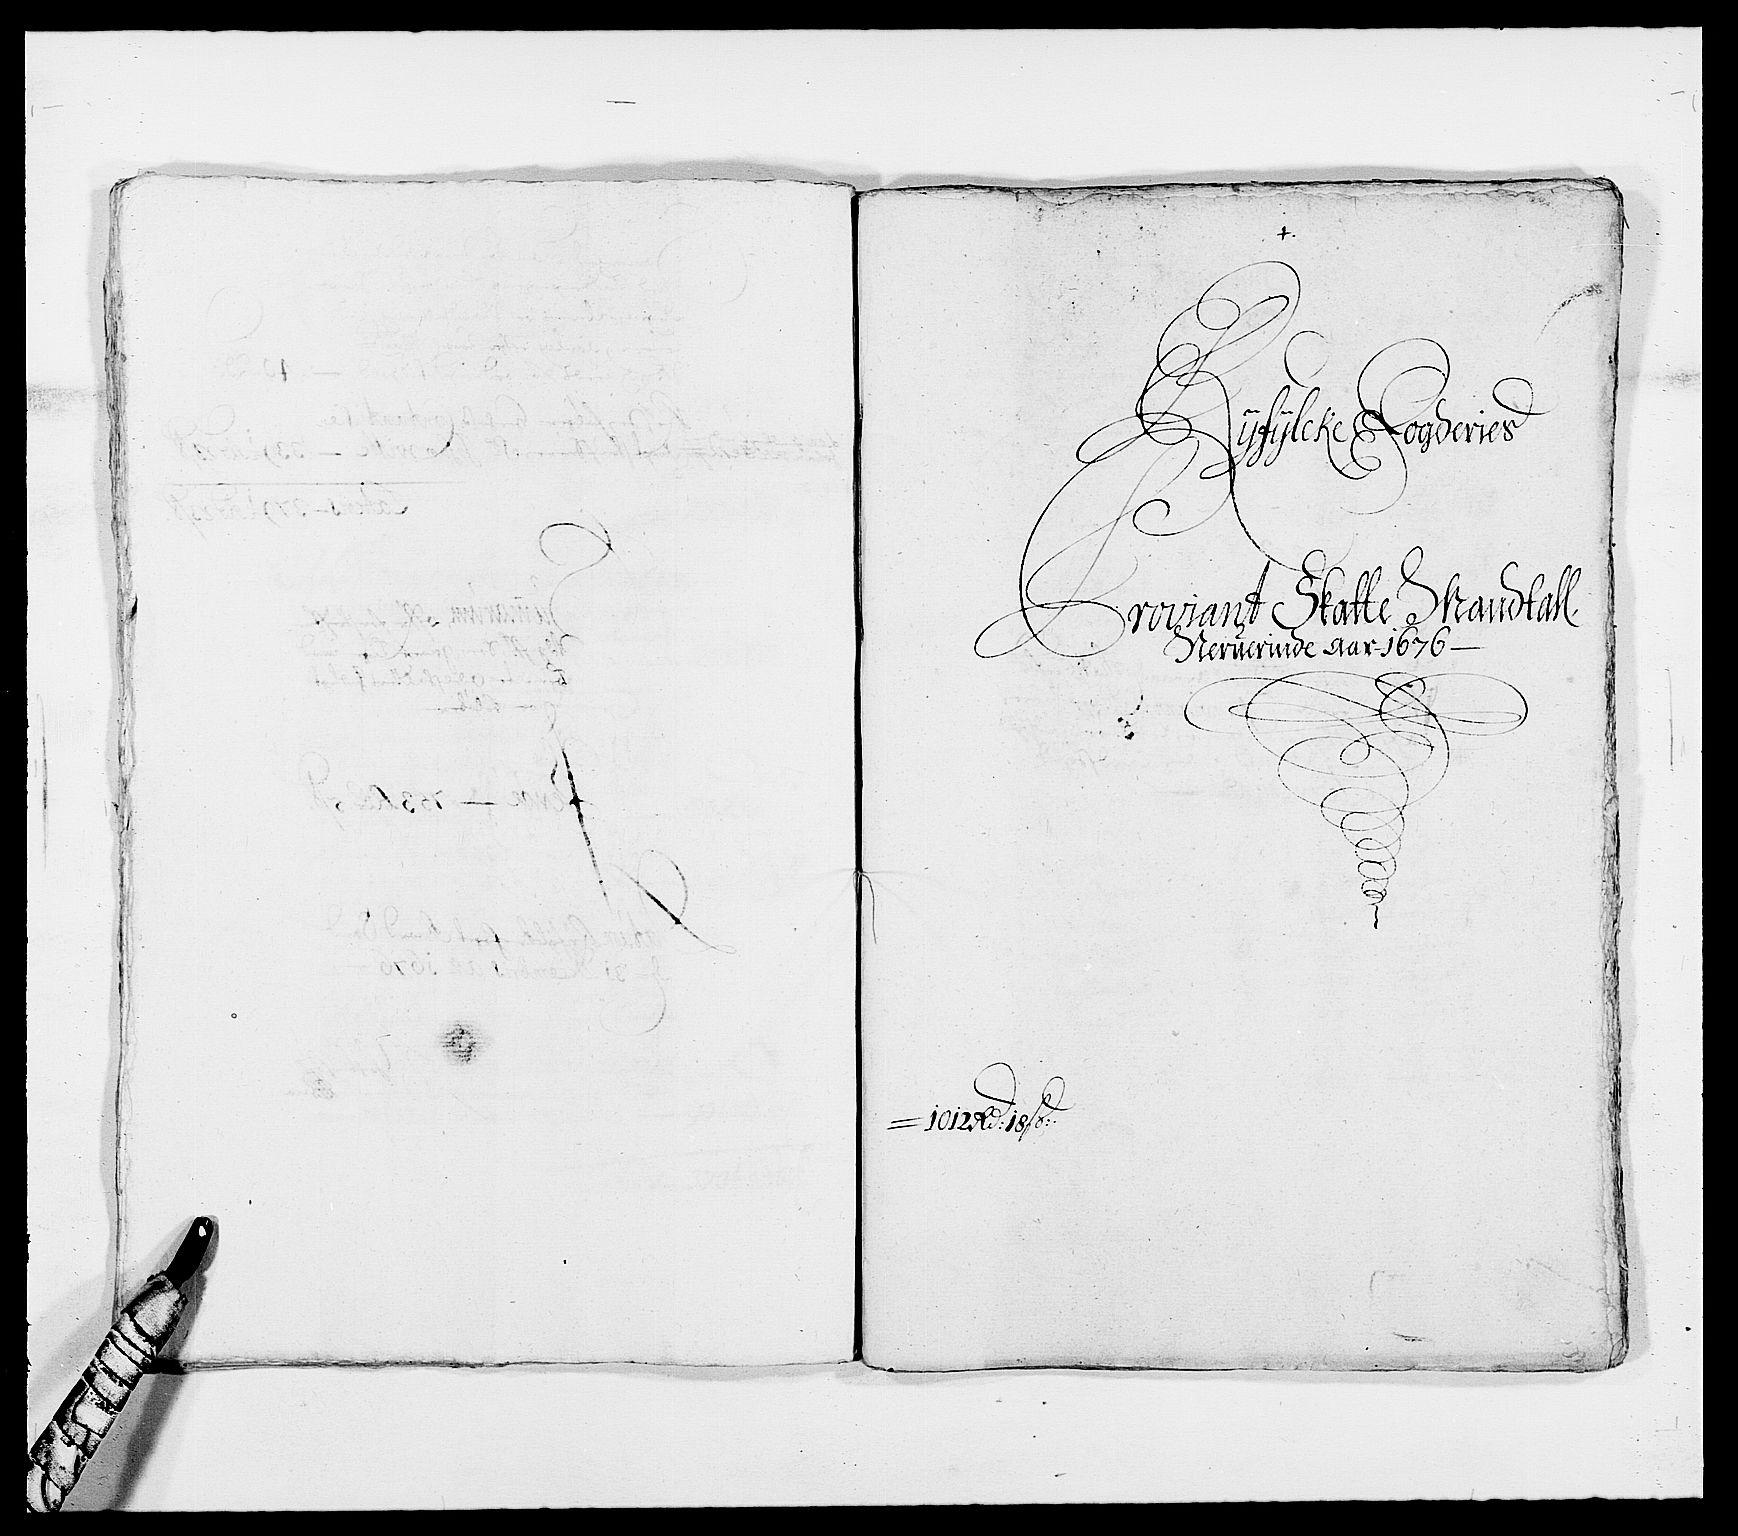 RA, Rentekammeret inntil 1814, Reviderte regnskaper, Fogderegnskap, R47/L2846: Fogderegnskap Ryfylke, 1676, s. 75